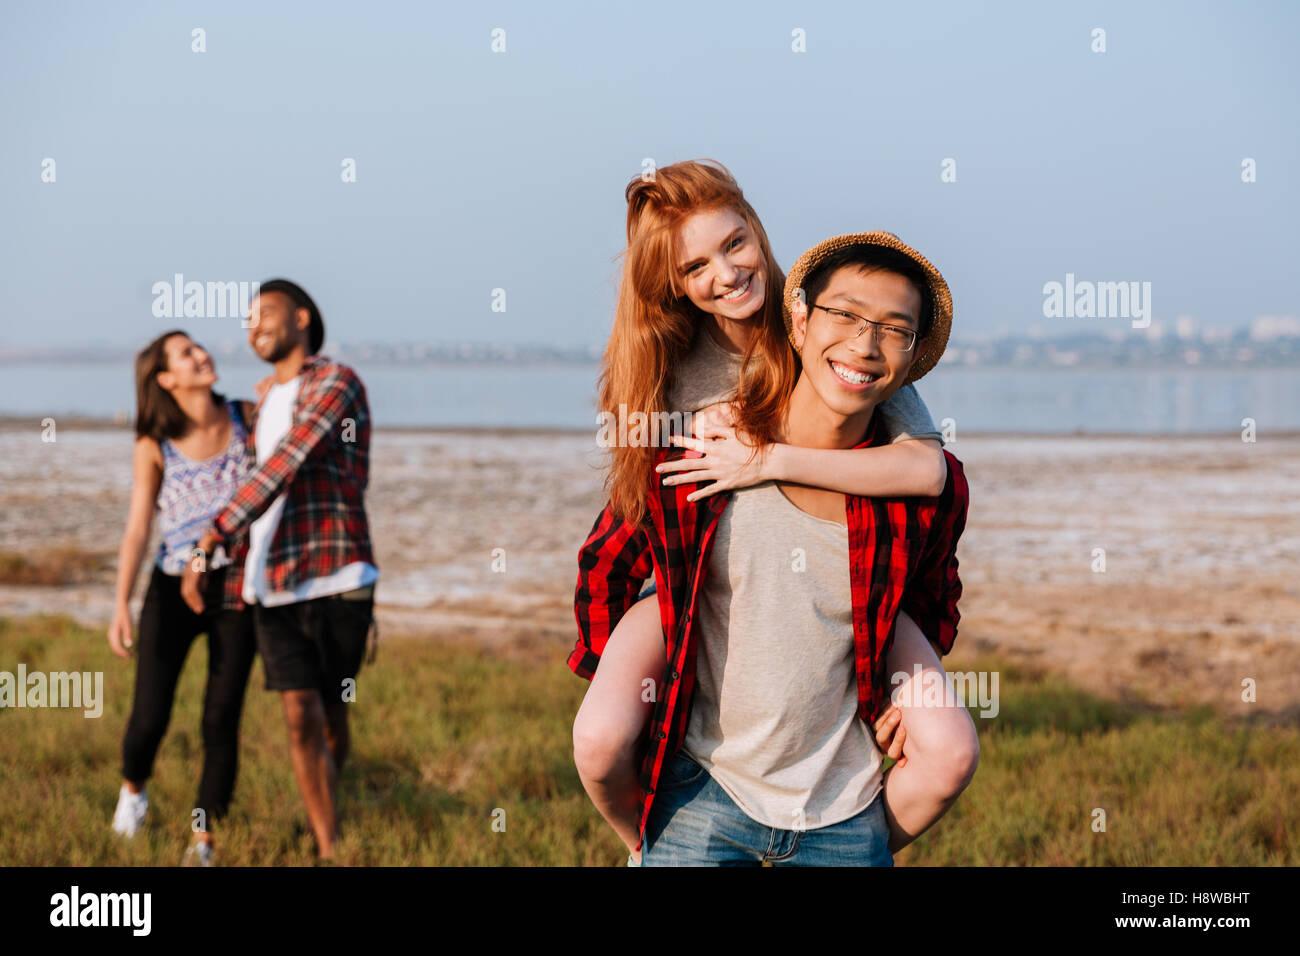 Dos parejas jóvenes multiétnicos felices a divertirse al aire libre Foto de stock